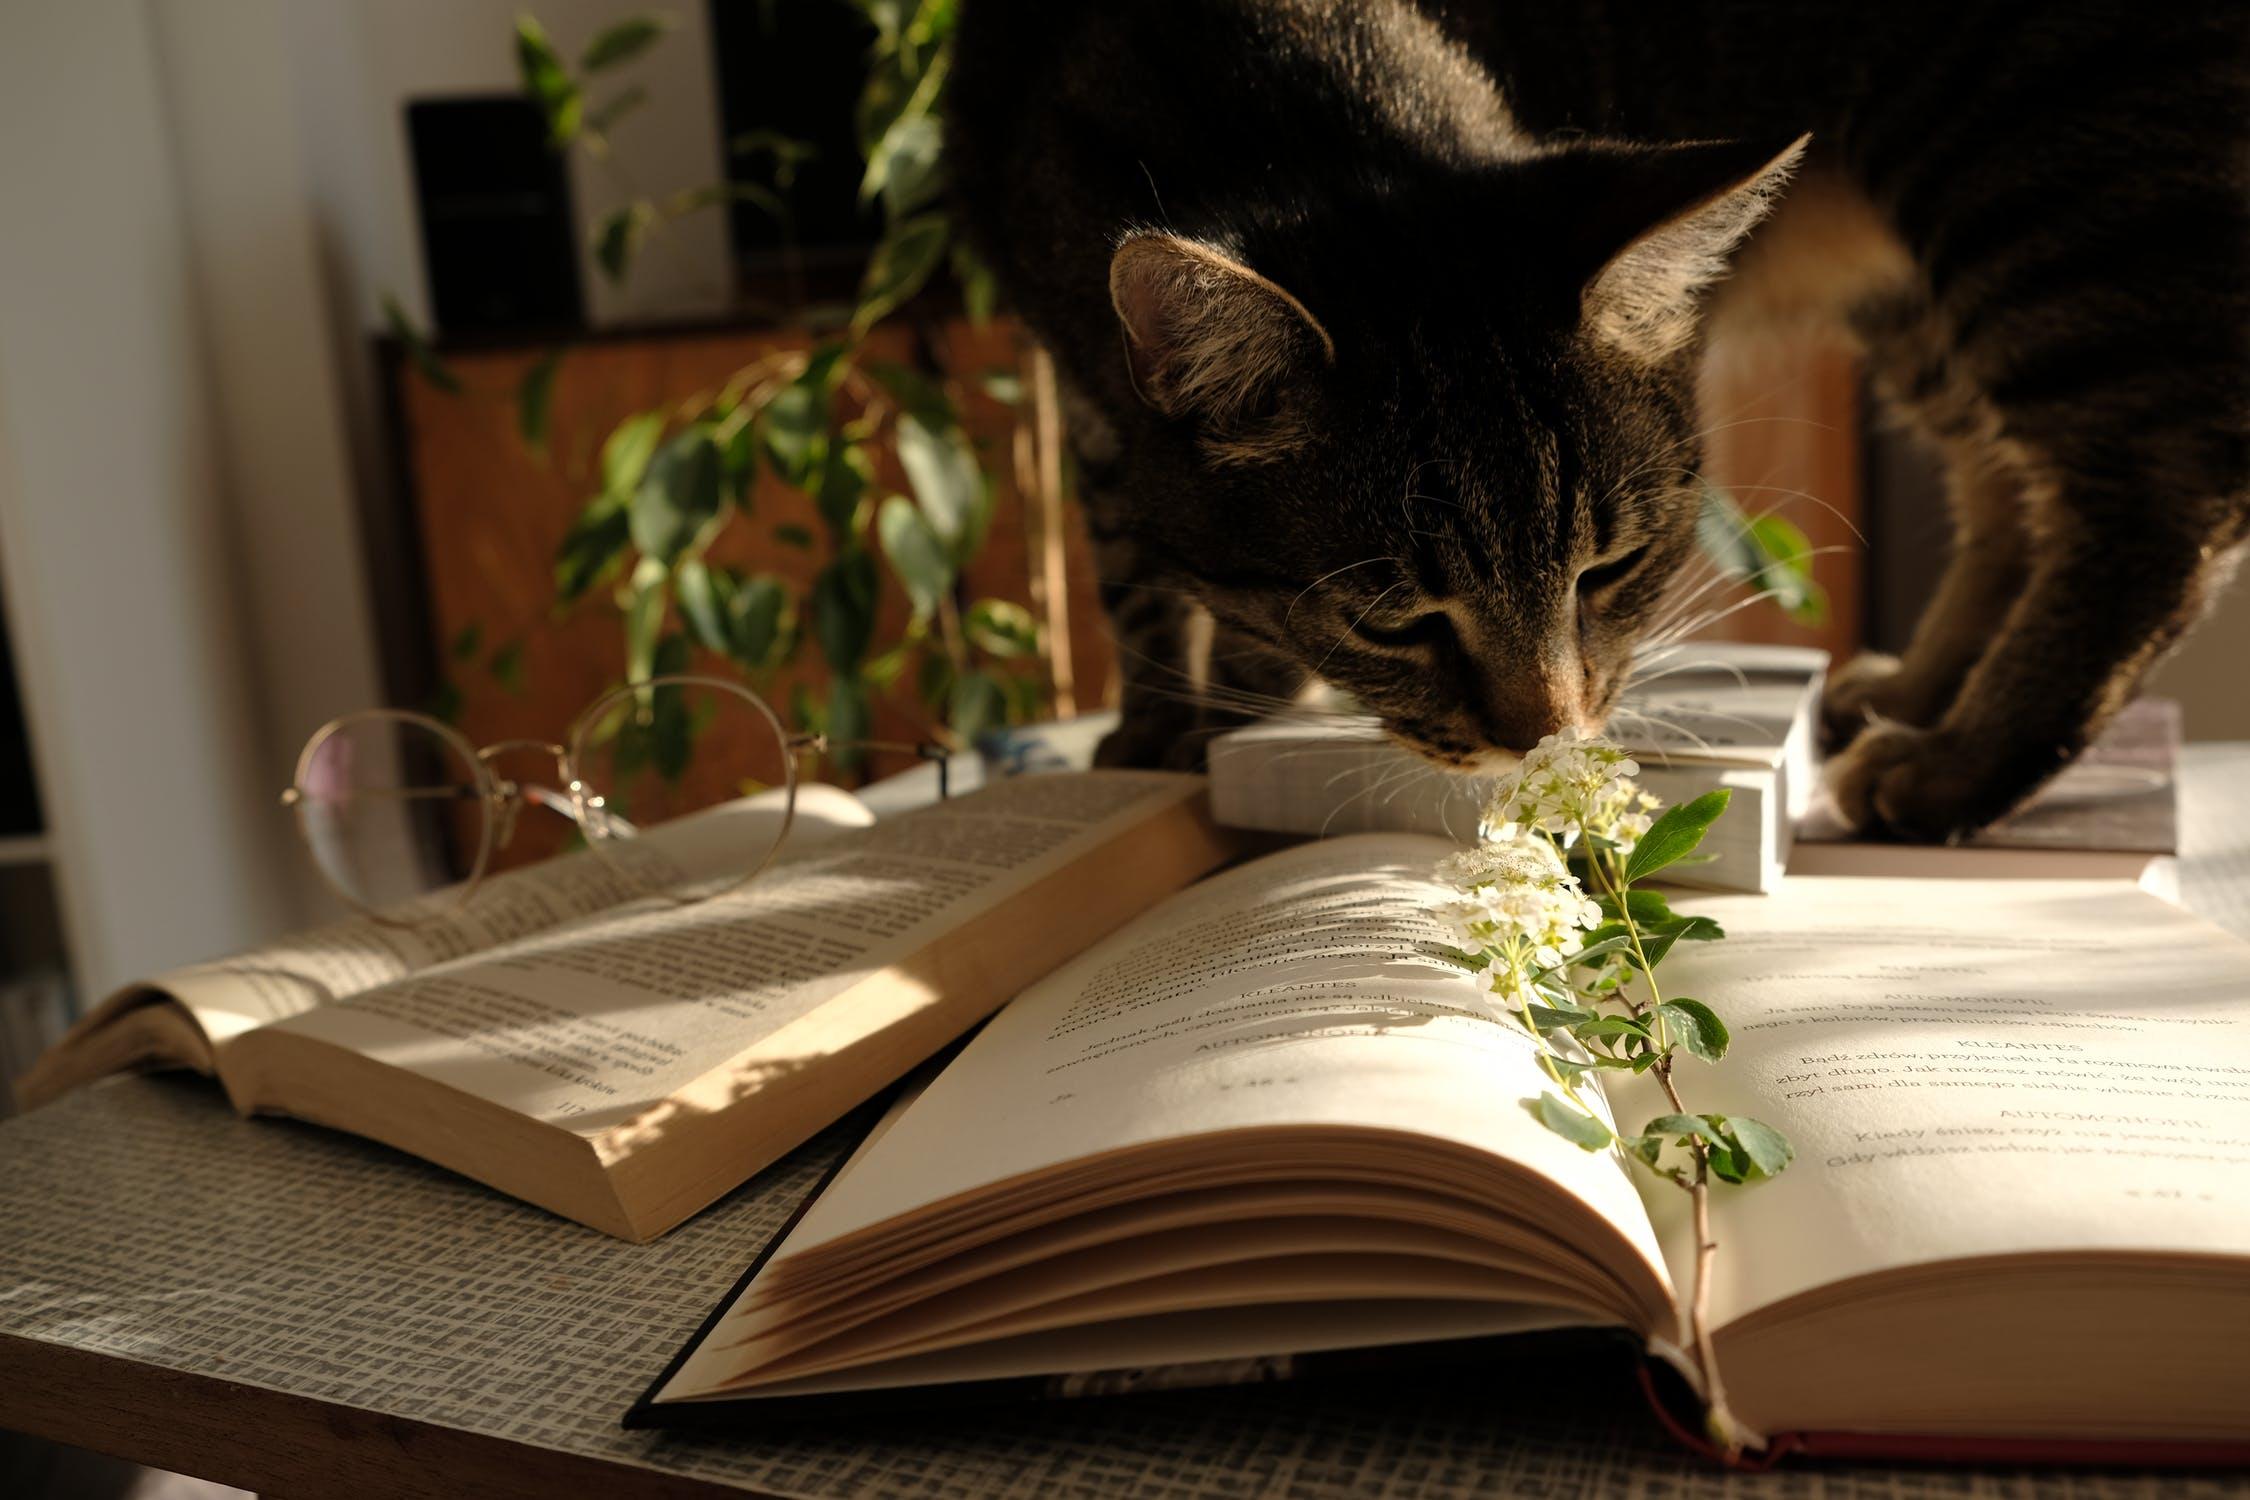 Izbové rastliny zvyšujú aj spokojnosť pri práci. / Foto: Pexels